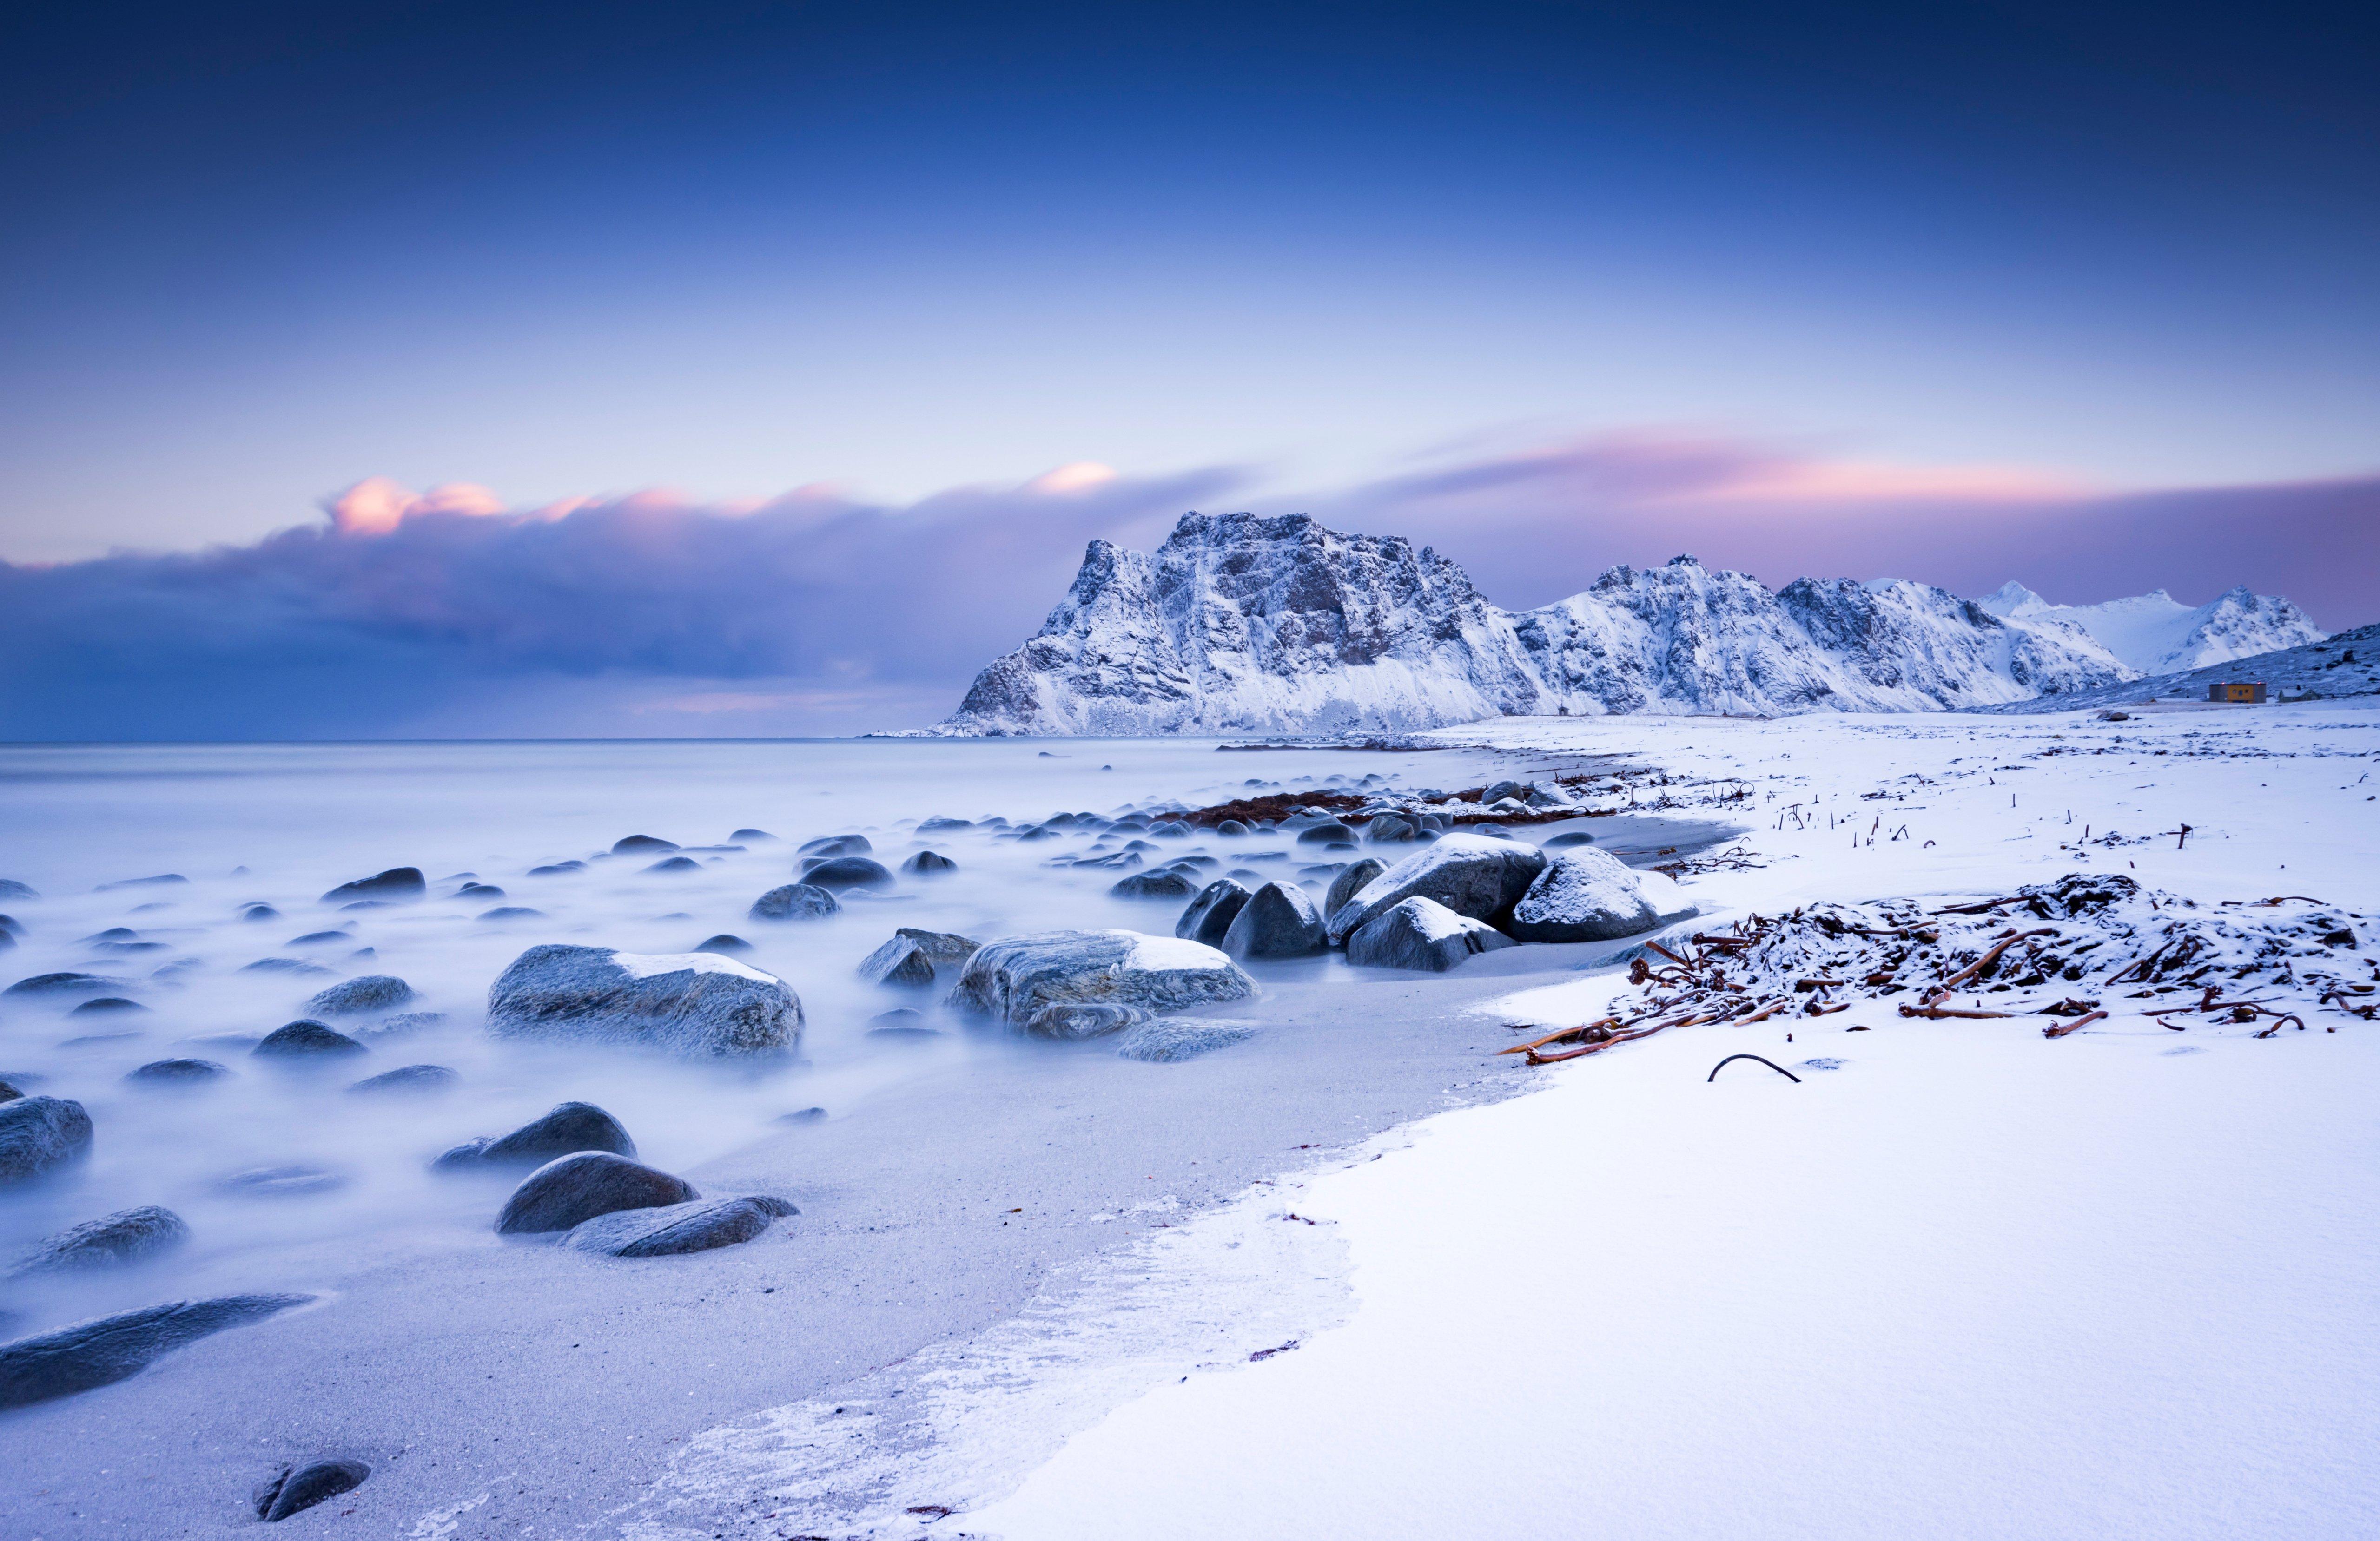 Fondos de pantalla Montañas nevadas y nubes